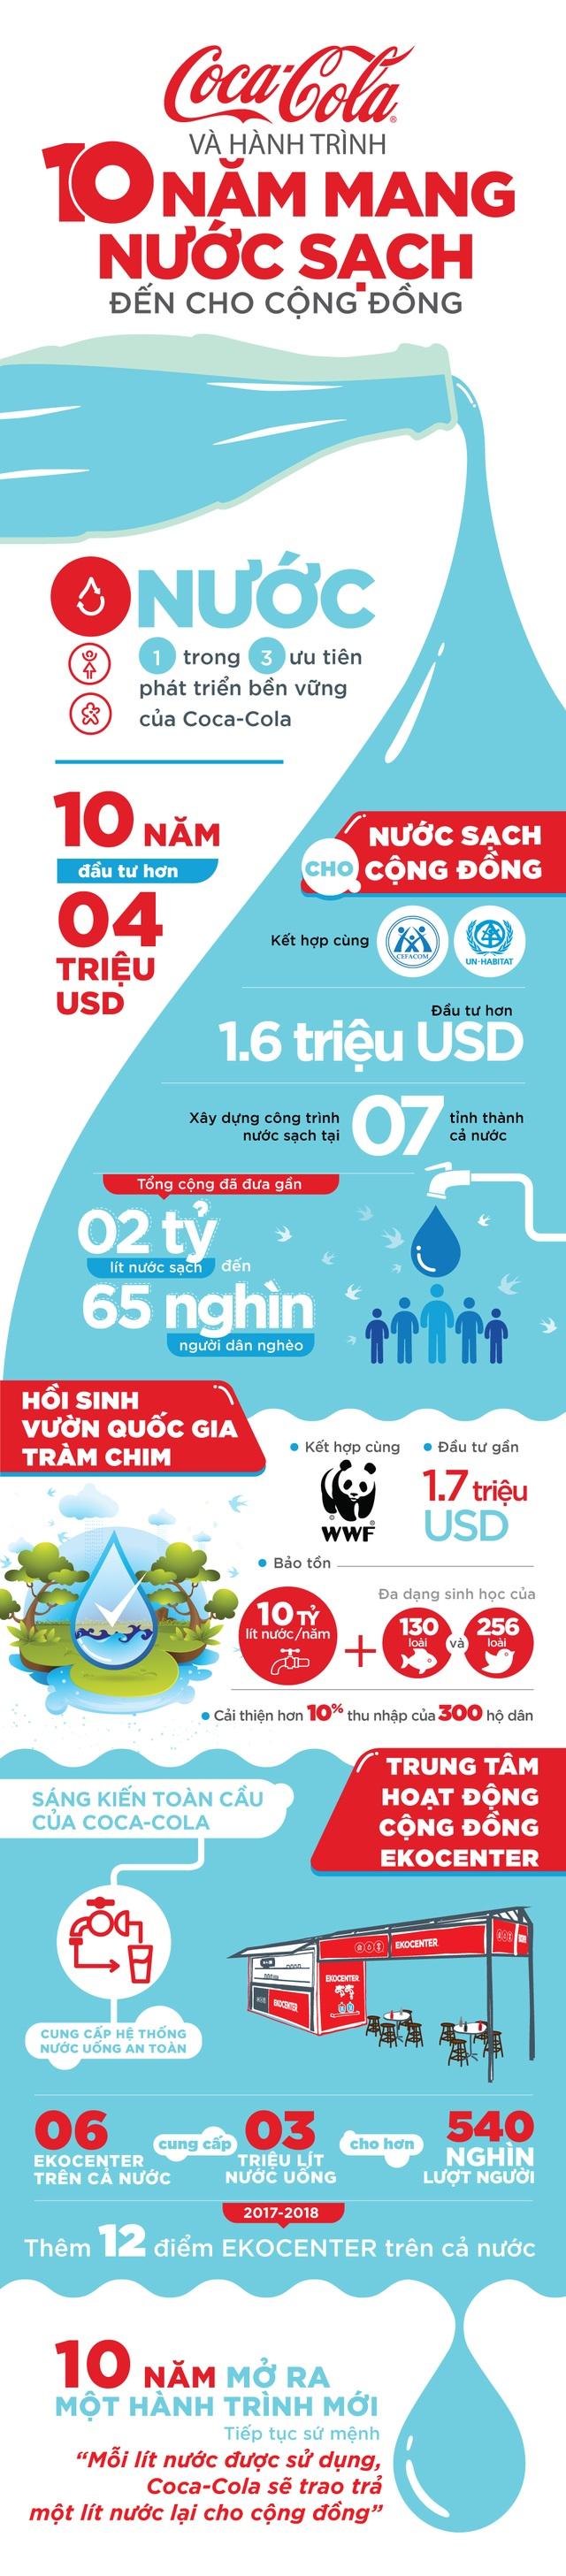 Hành trình 10 năm mang nước sạch đến cho cộng đồng - 1